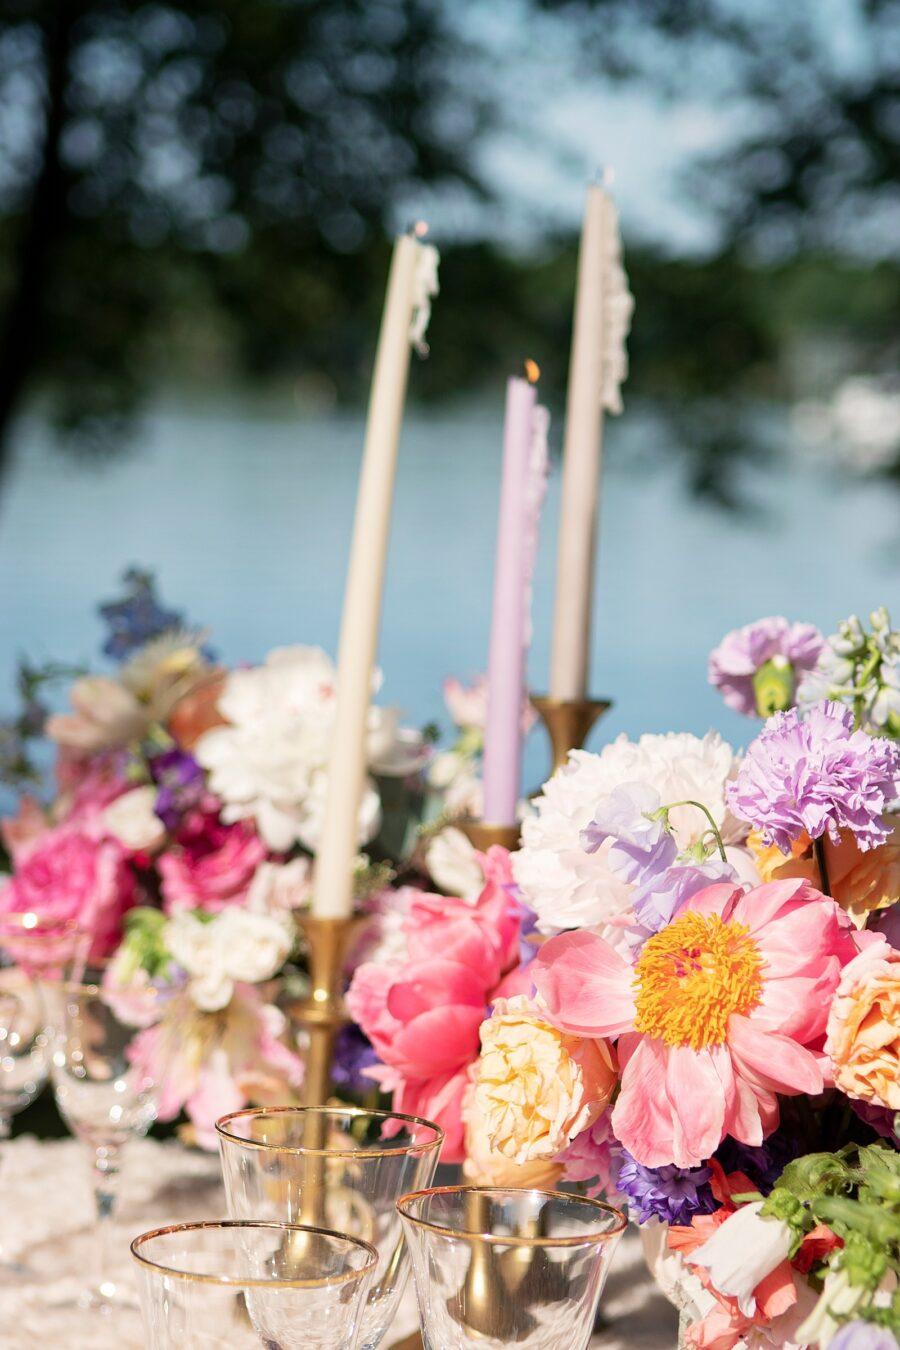 Spring wedding table decor